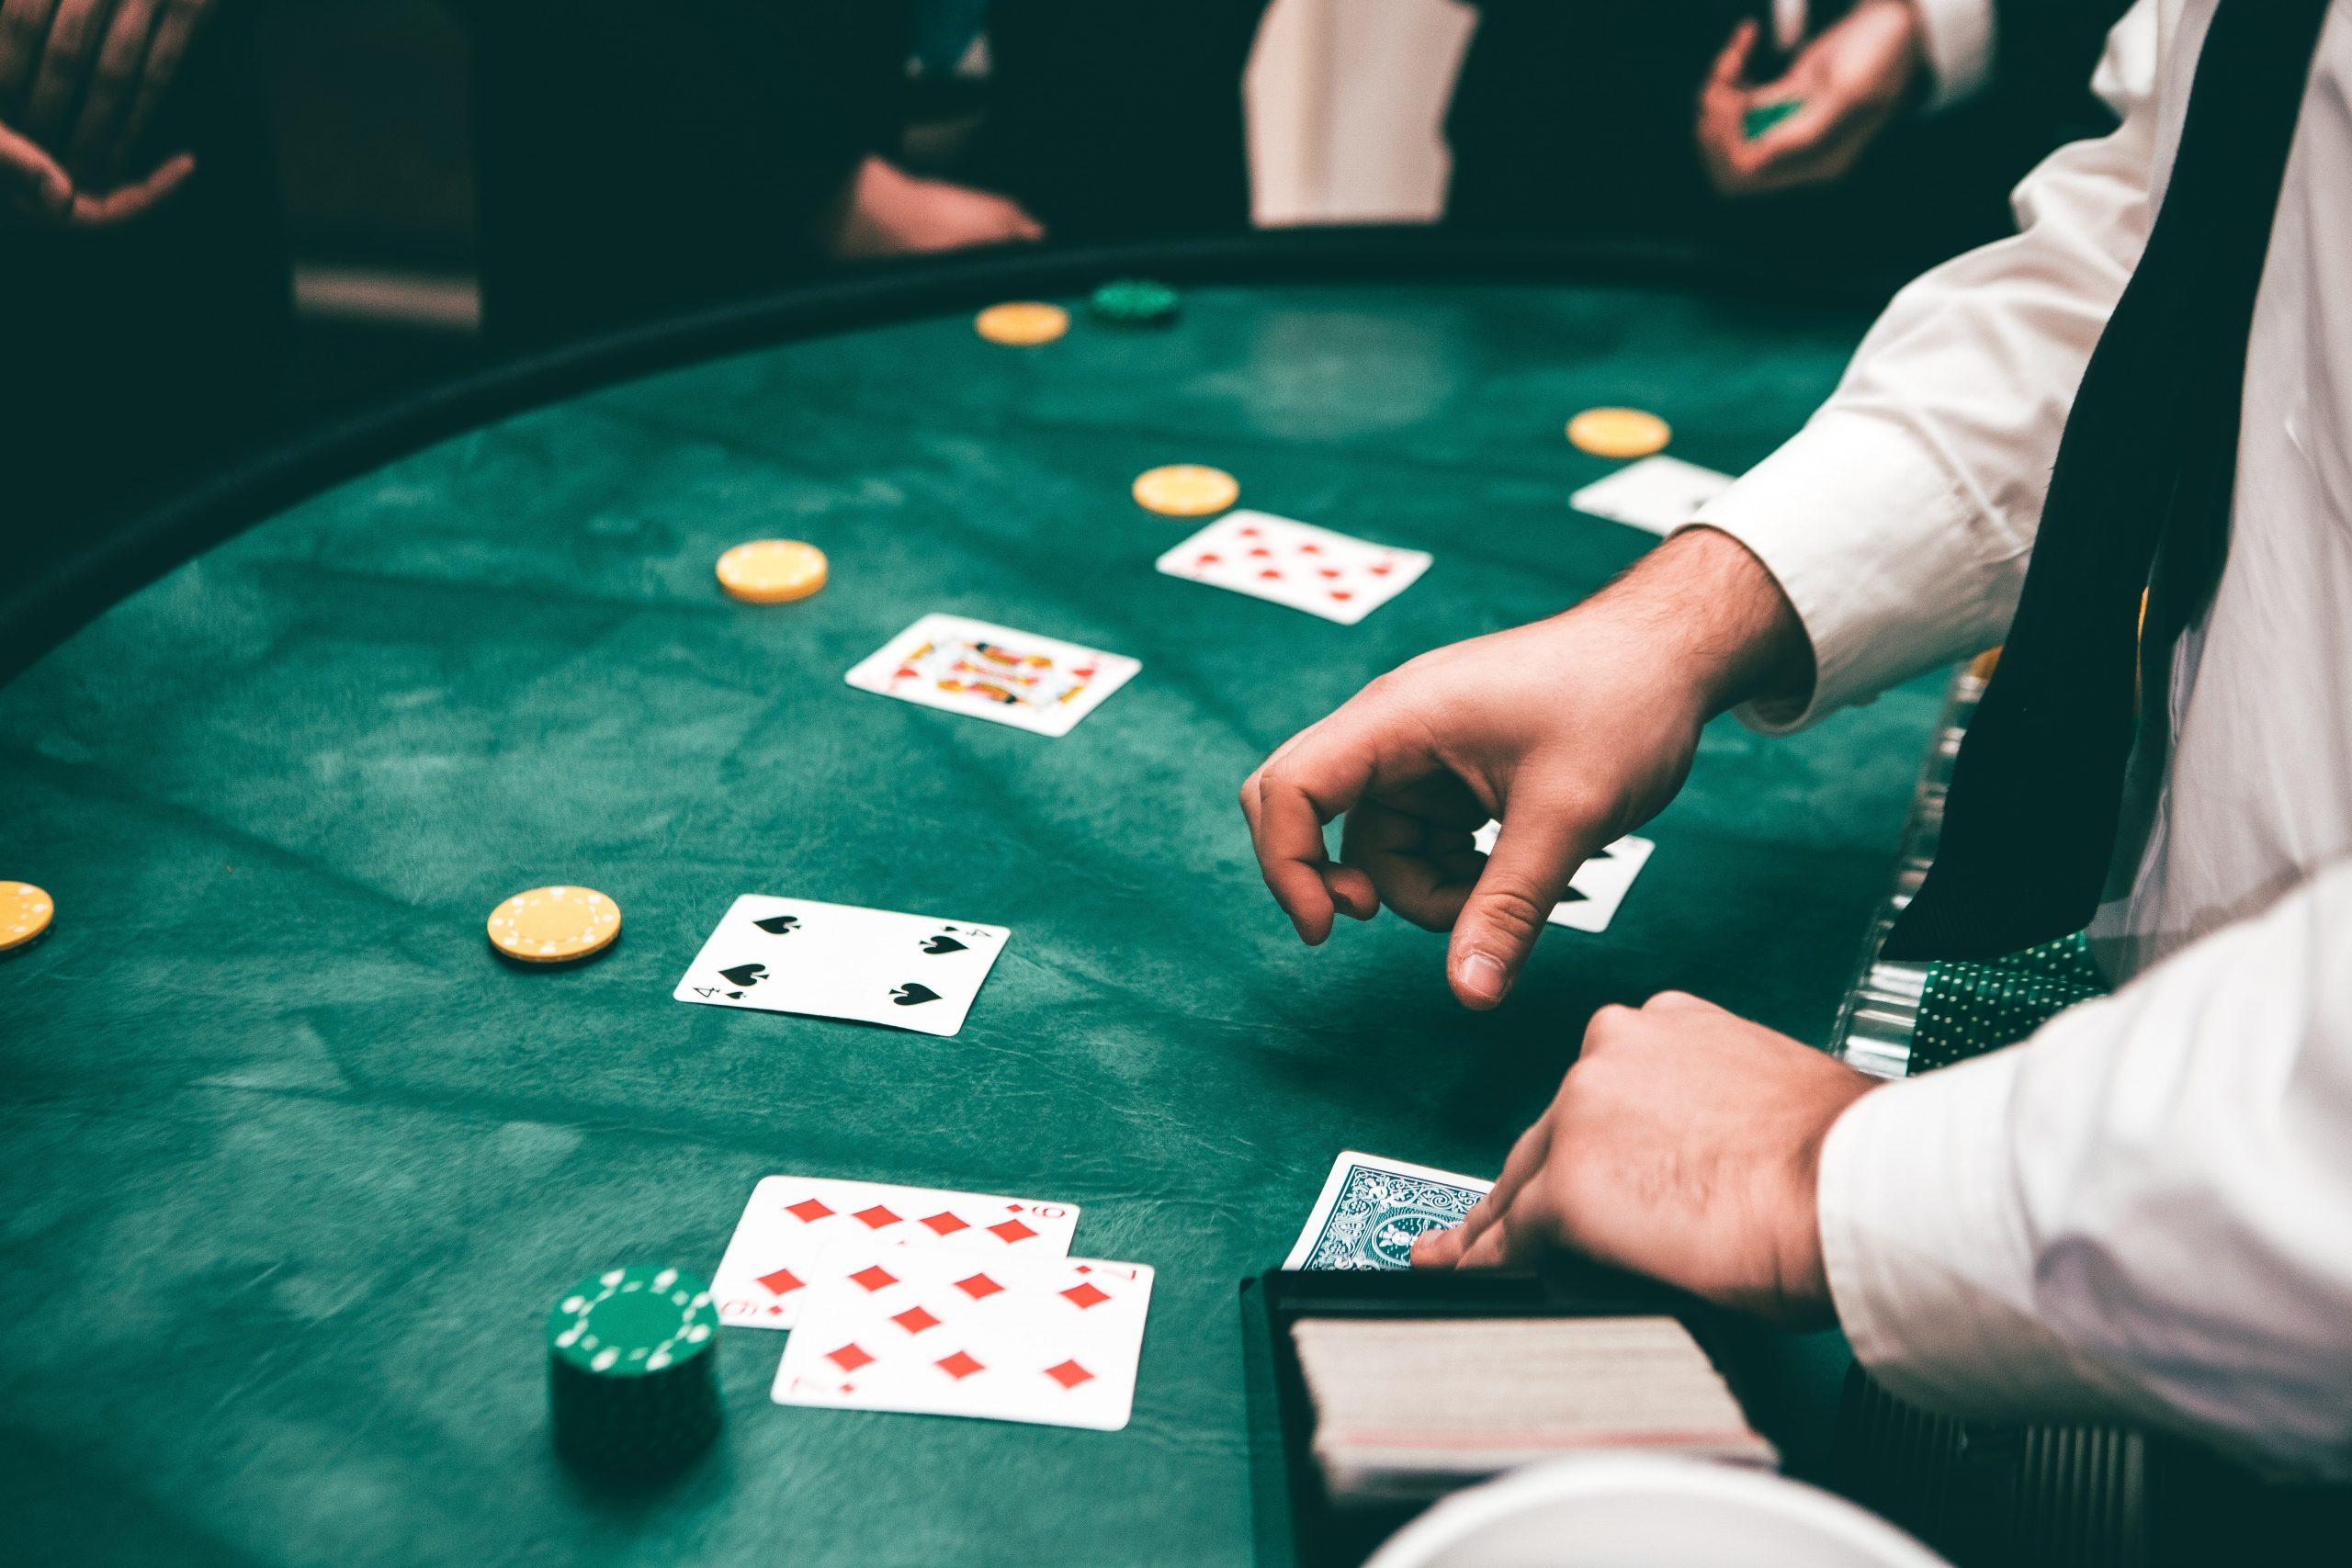 Juegos de poker. Jugando